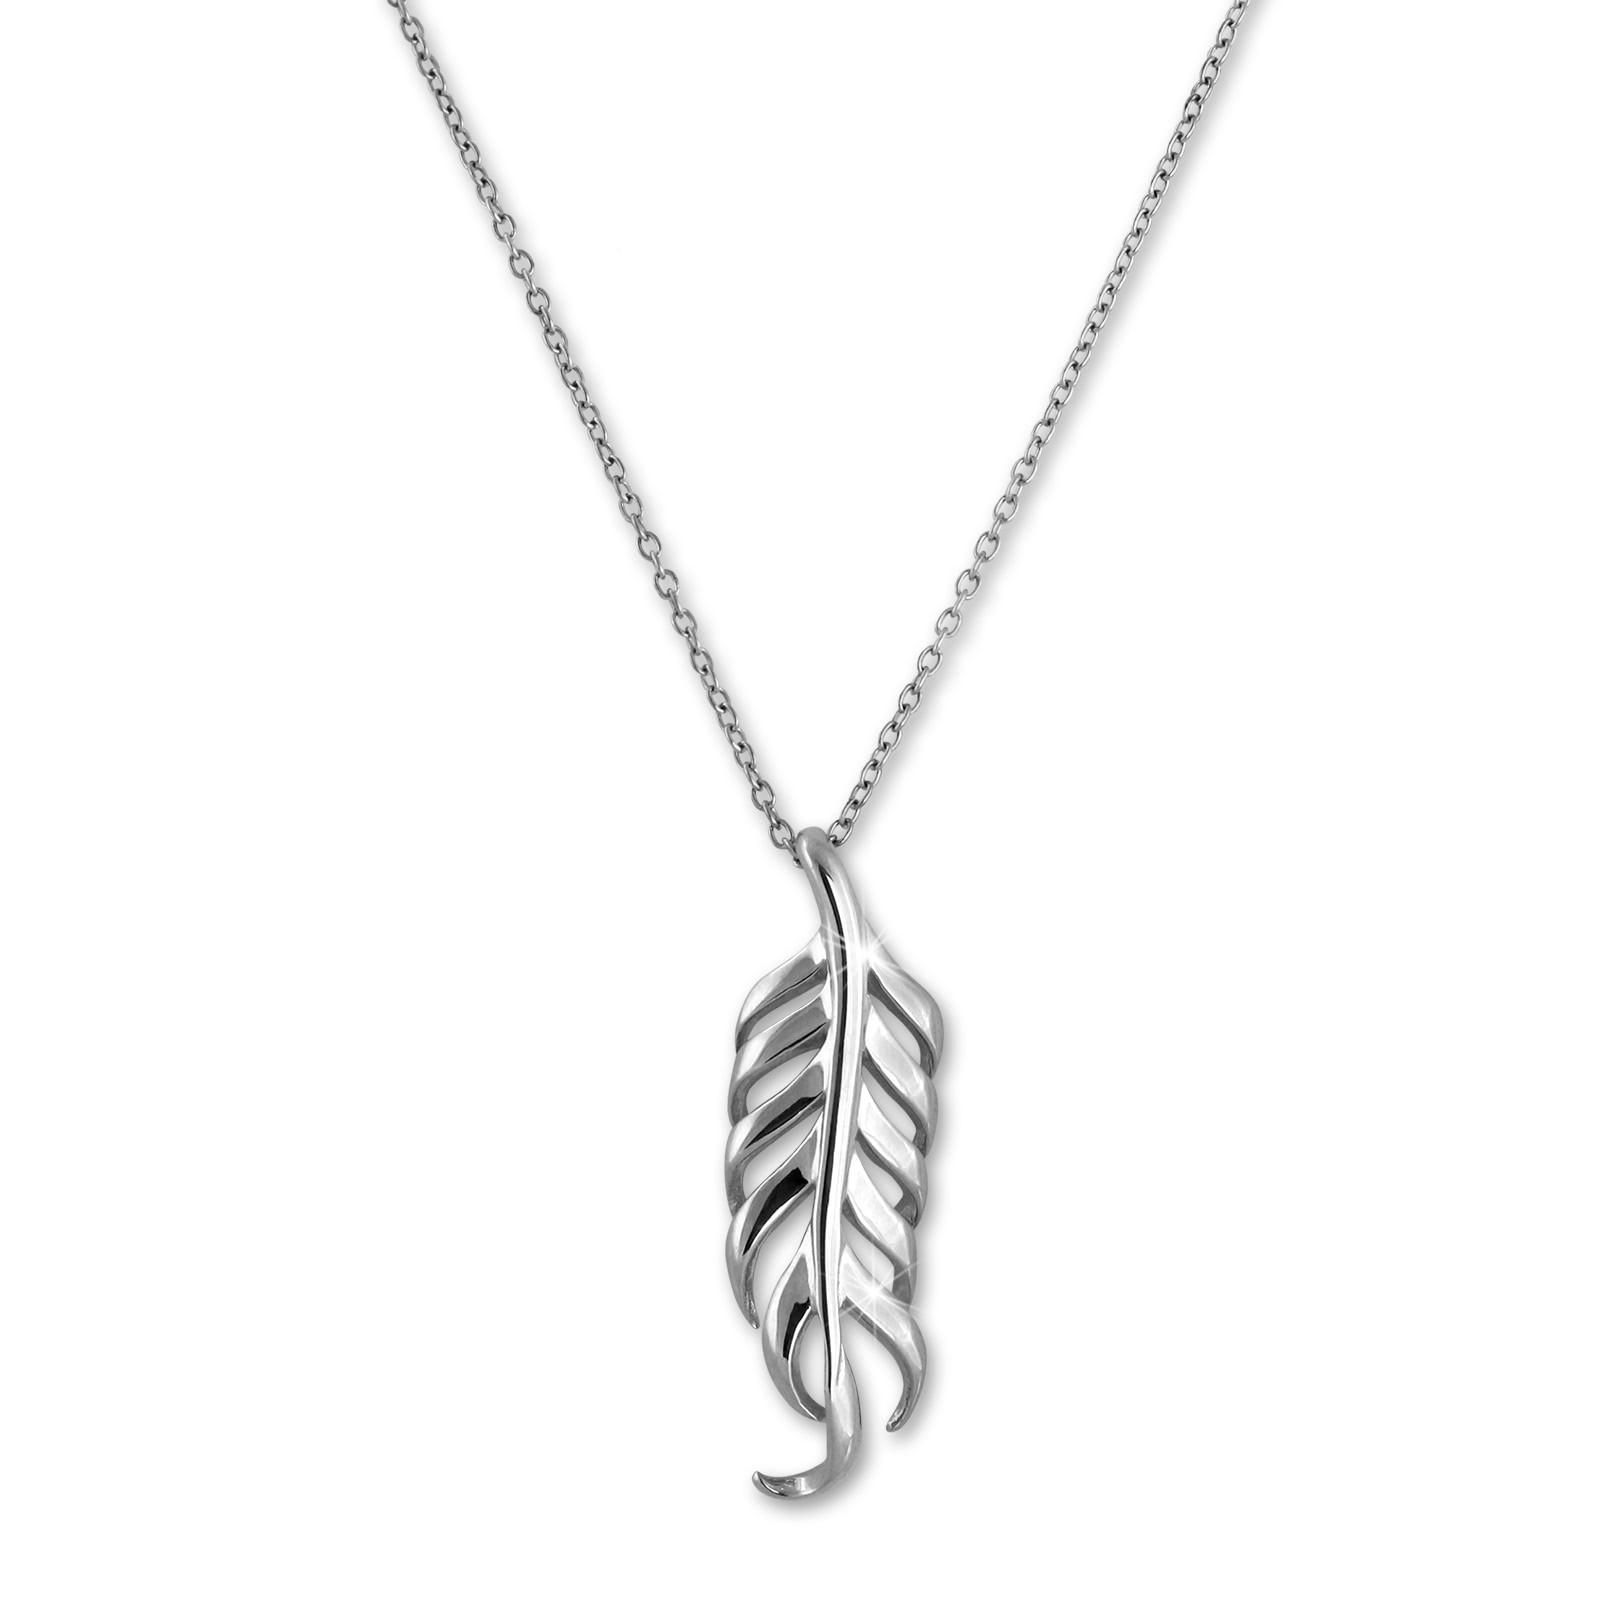 SilberDream Halskette mit Anhänger Feder 44cm - 47cm 925er Silber SDK50544J